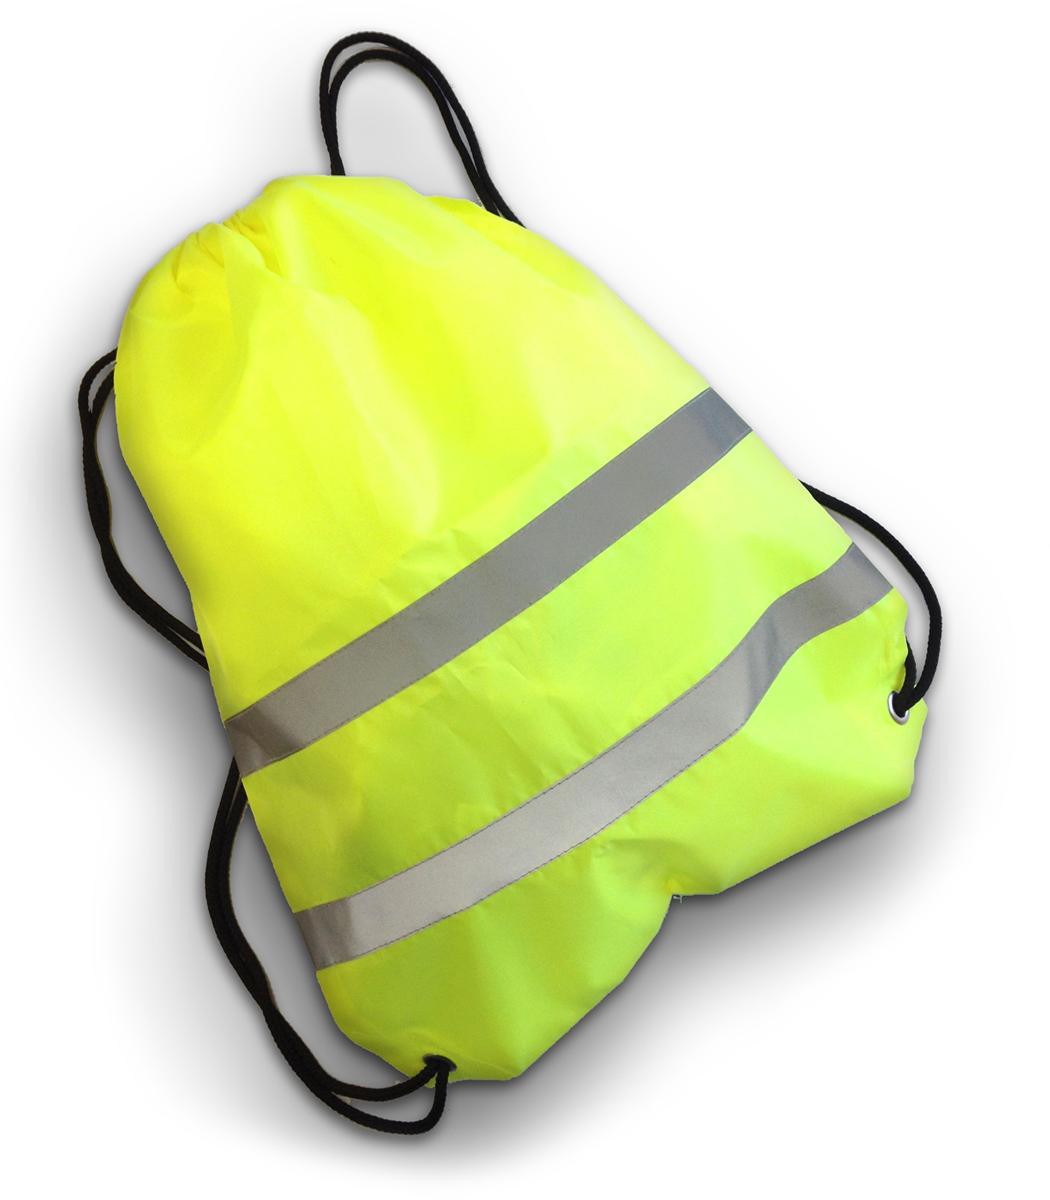 Cova Мешок для обуви со световозвращающими лентами цвет лимонный333-200Мешок для обуви и не только, сделан из качественного материала с водоотталкивающей пропиткой, световозвращающие полосы сделают вас заметным в темное время суток и в условиях плохой видимости. Яркий цвет мешка, поможет быть заметным в дневное время. Идеально подходит для пеших прогулок и для катания на велосипеде или ином другом средстве передвижения.